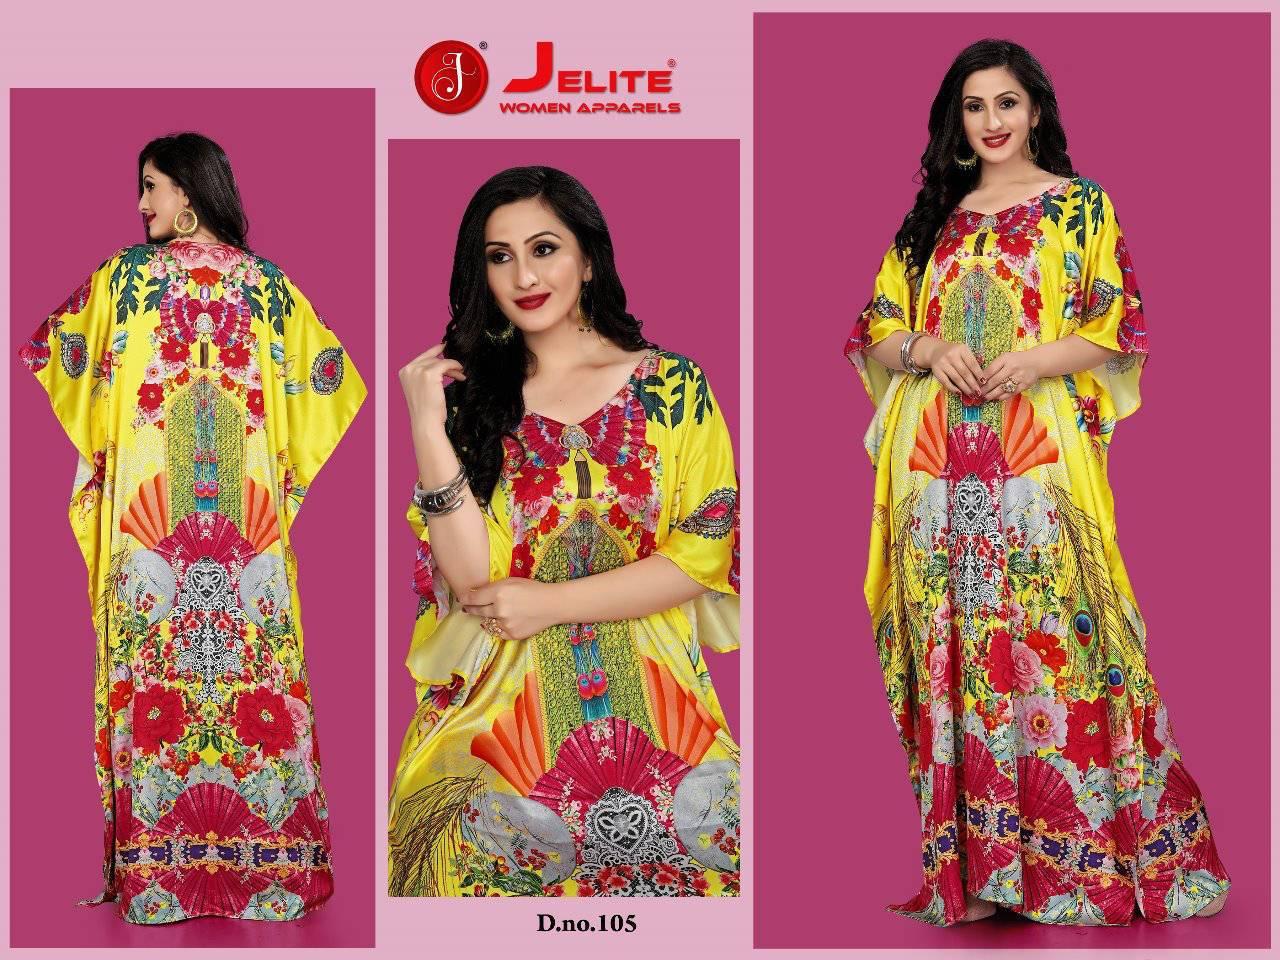 Jelite Kaftans Vol 1 Kurti Wholesale Catalog 8 Pcs 5 - Jelite Kaftans Vol 1 Kurti Wholesale Catalog 8 Pcs